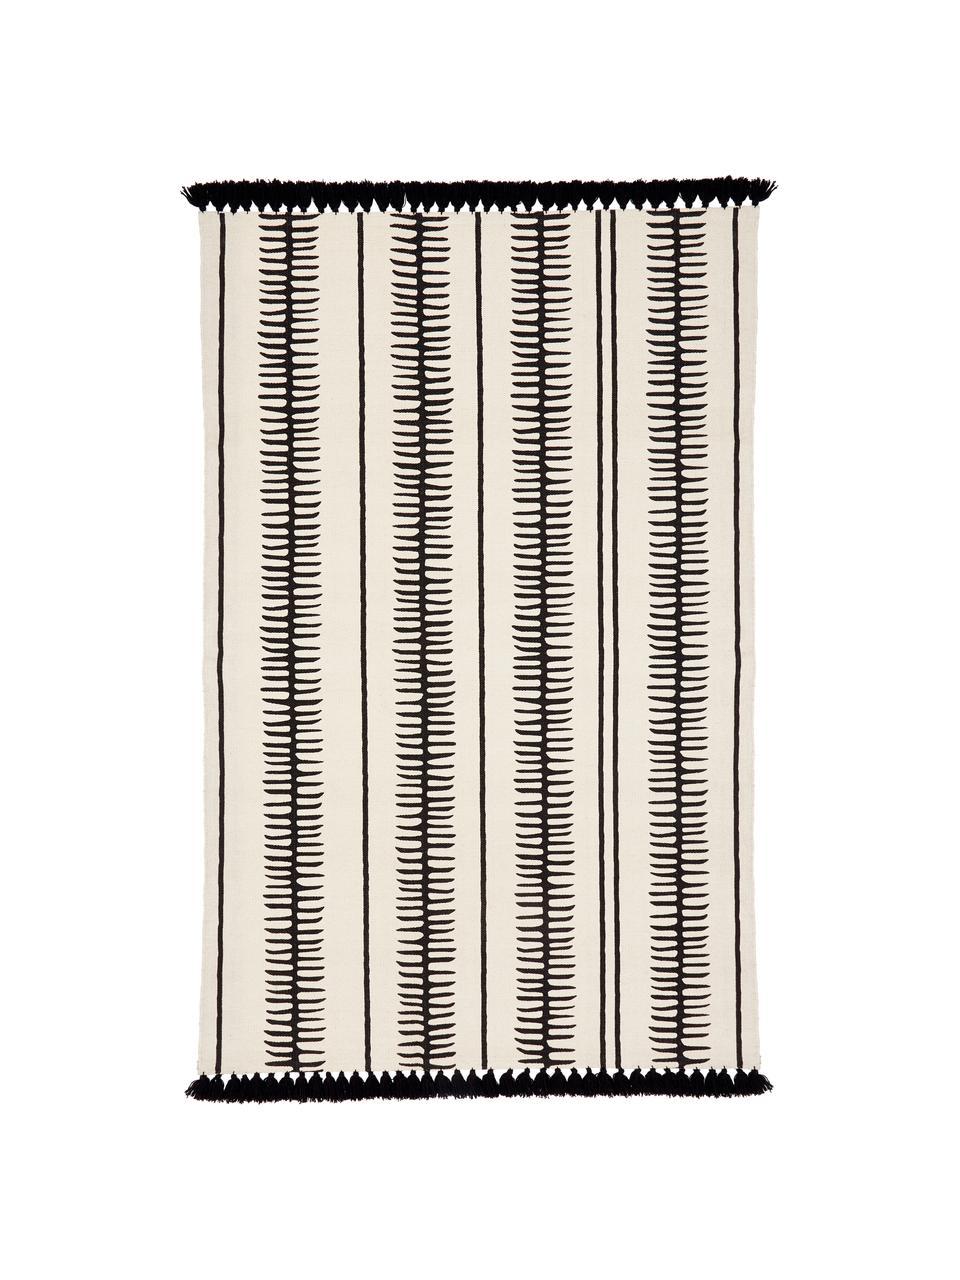 Tappeto in cotone beige/nero tessuto a mano con nappe Rita, Beige, nero, Larg. 70 x Lung. 140 cm (taglia XS)